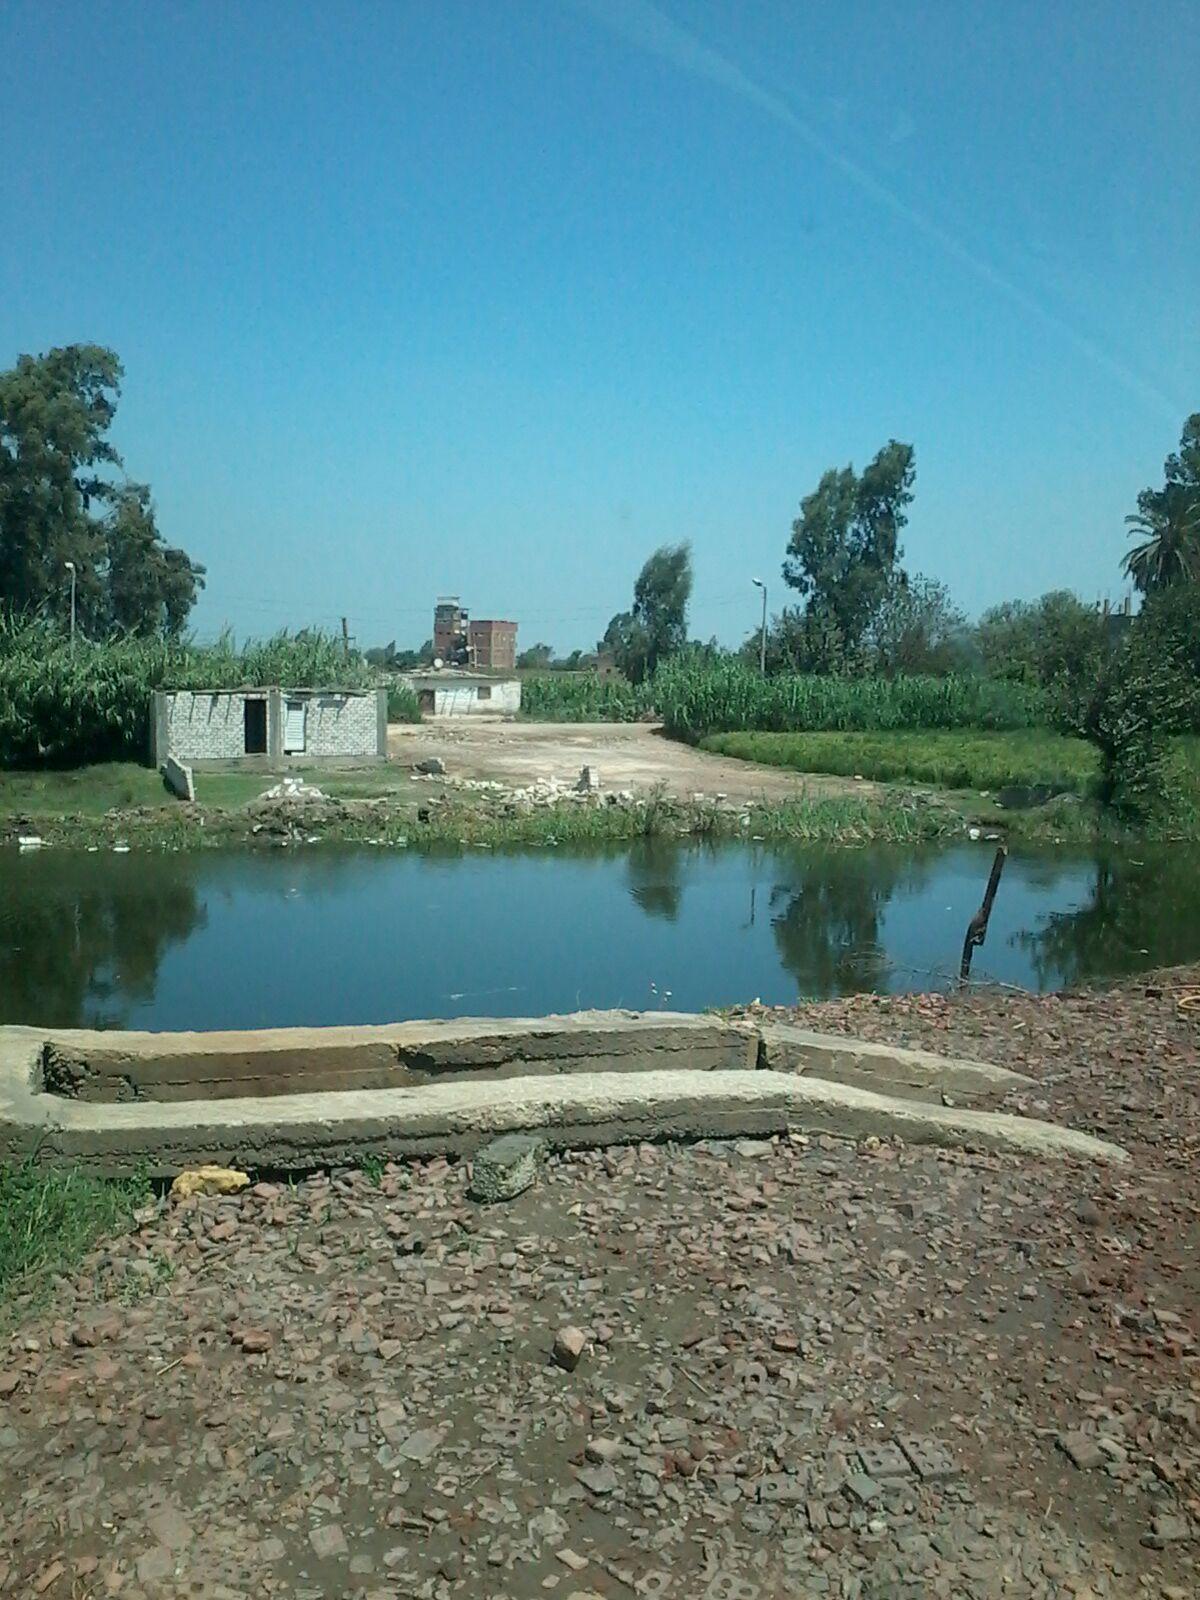 تعديات على الأراضي الزراعية وترعة بإحدى قرى الغربية